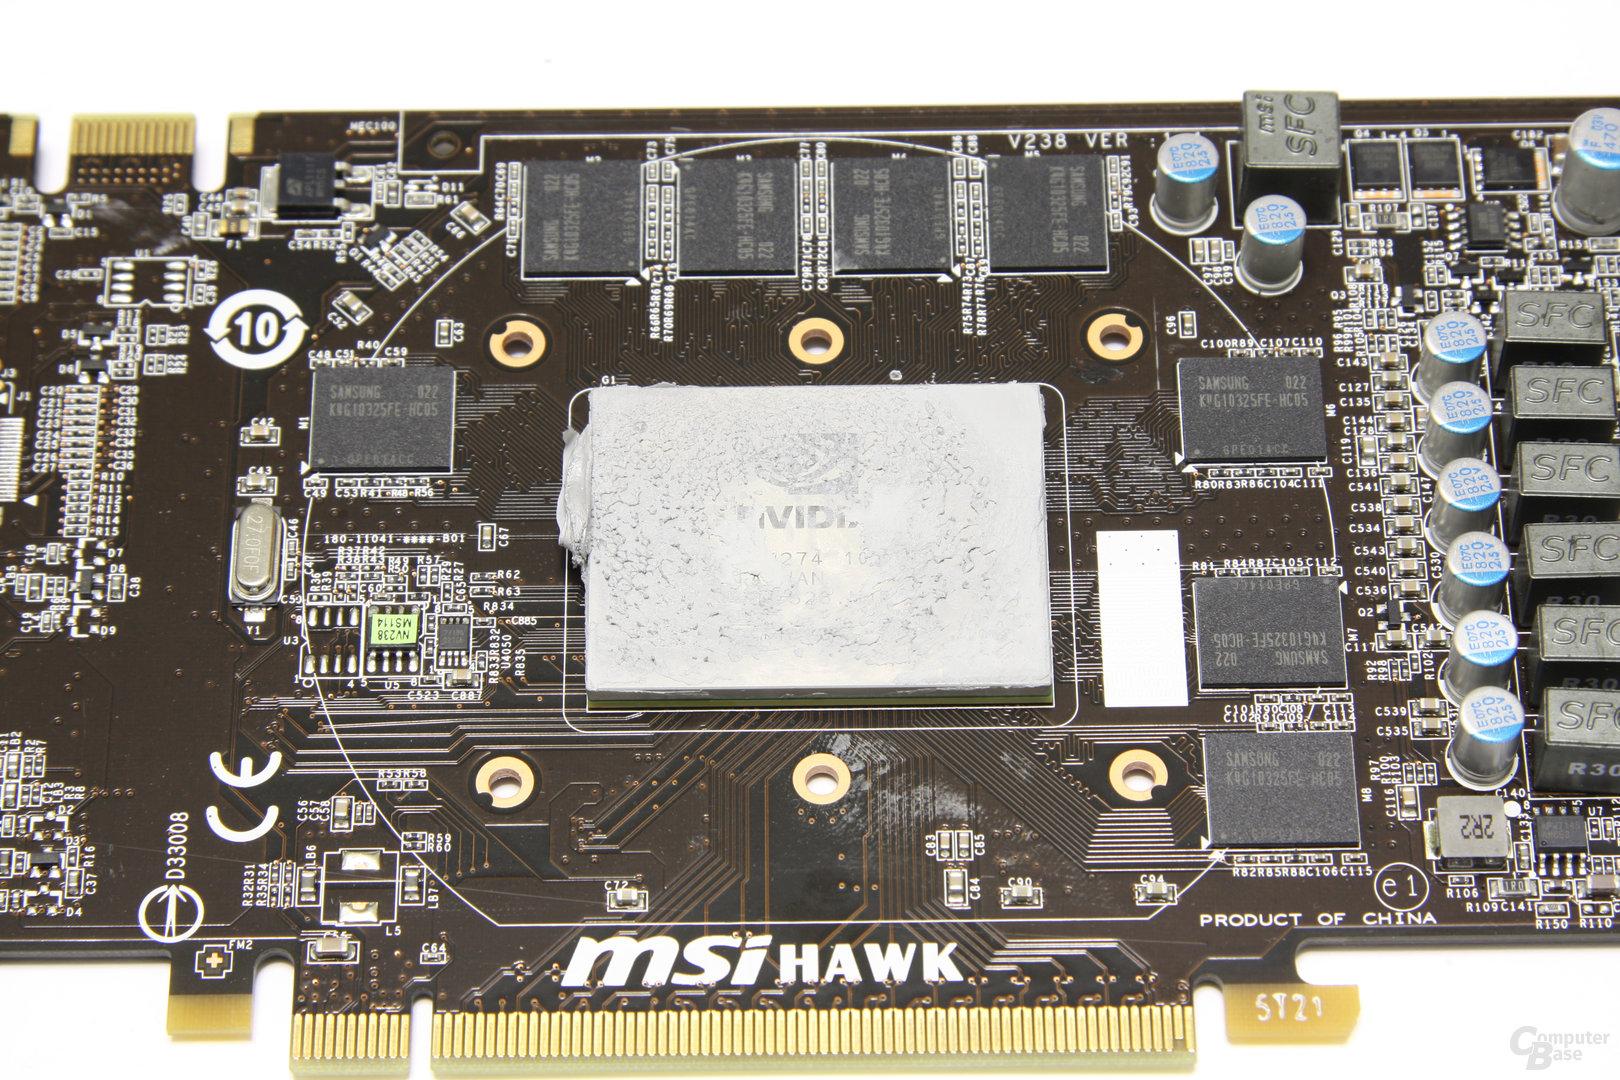 GeForce GTX 460 Hawk GPU und Speicher